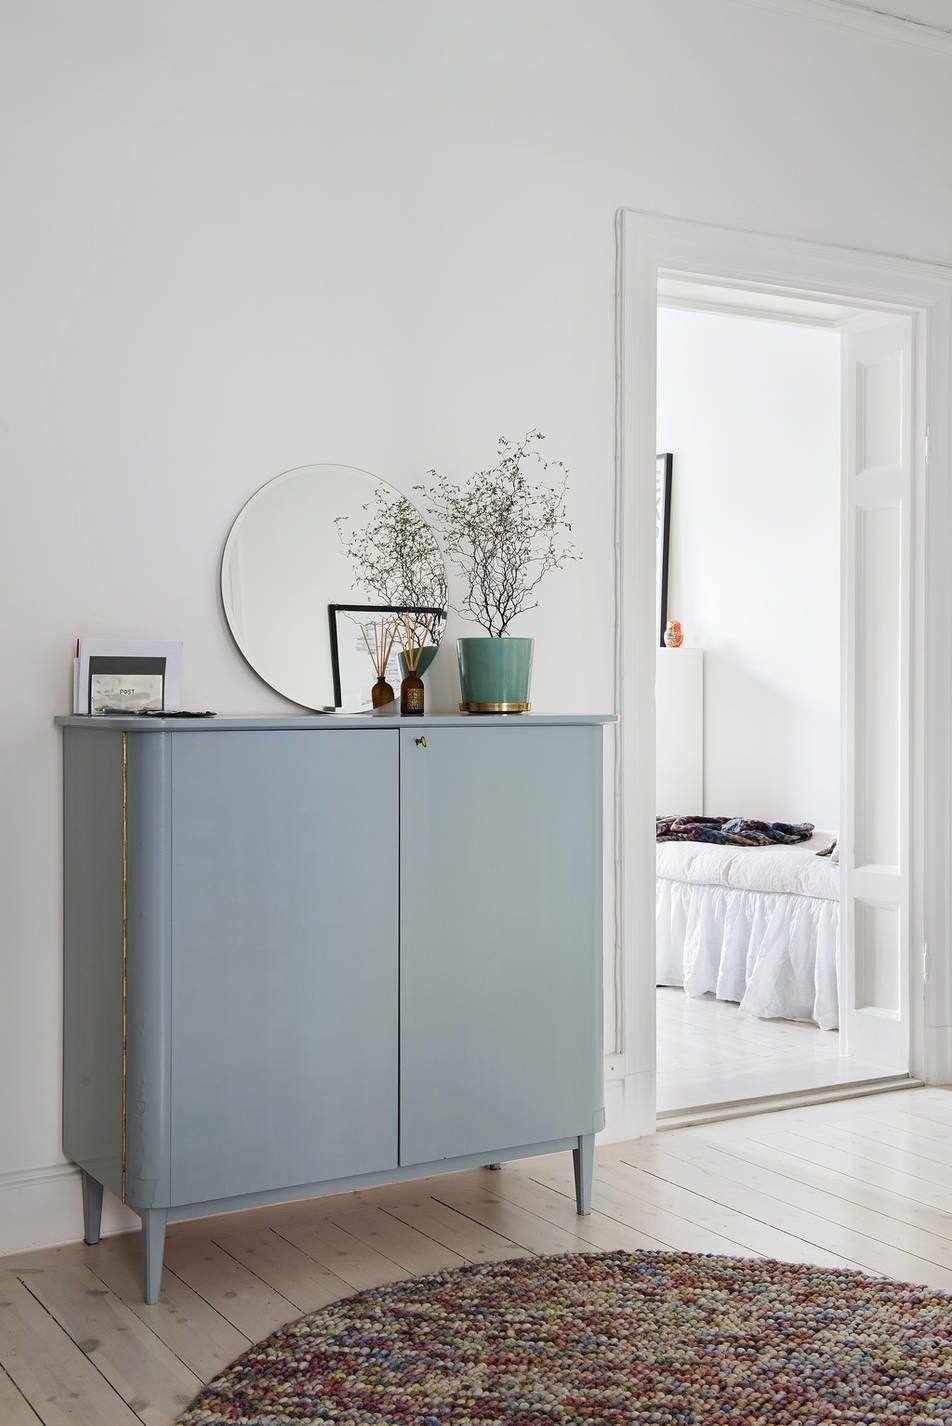 Unique Flur Grau Gallery Of Die Kommode Im In Blau-grau Streichen. #kolorat